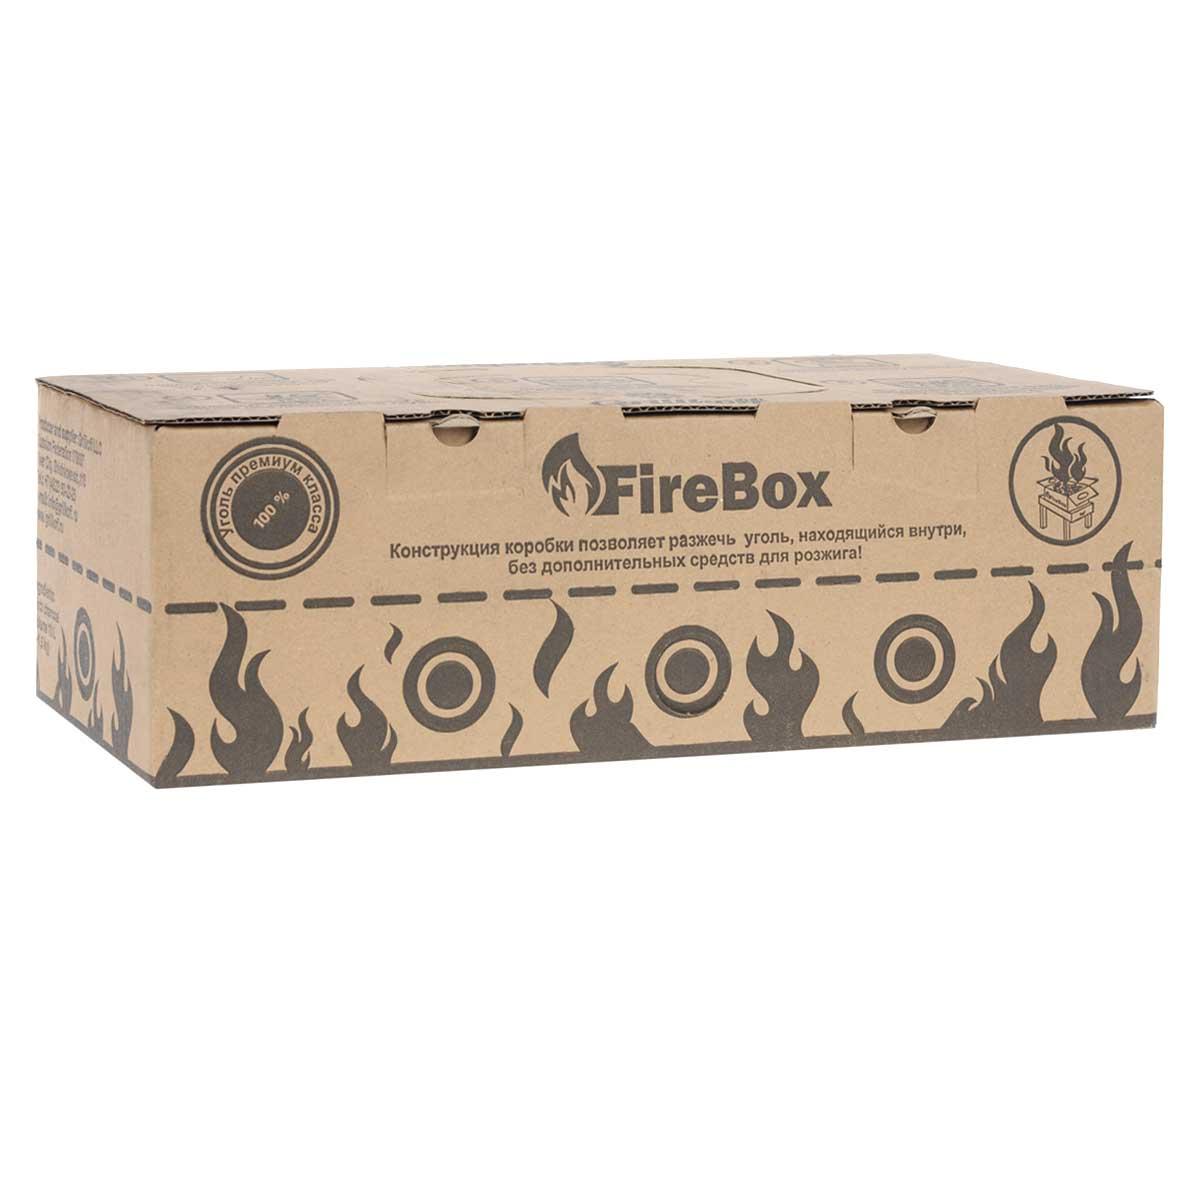 Уголь древесный Грилькофф FireBox, отборный, 1,5 кгCM000001328Уголь Грилькофф FireBox изготовлен изабсолютно натуральных материалов, он чрезвычайно легок в использовании, которое не предполагает добавления каких либо химических веществ. Это существенно улучшает вкус приготовляемых с помощью Грилькофф FireBox продуктов. Грилькофф FireBox легок в использовании, и после выполнения нескольких элементарных действий он быстро разгорится без использования дополнительных горючих материалов.Достаточно выполнить 5 последовательных действий, и вы сможете без труда разжечь уголь, не вынимая из коробки!Размер упаковки: 40 см х 13 см х 25 см.Вес упаковки: 1,5 кг (10 л).Состав: отборный древесный уголь.